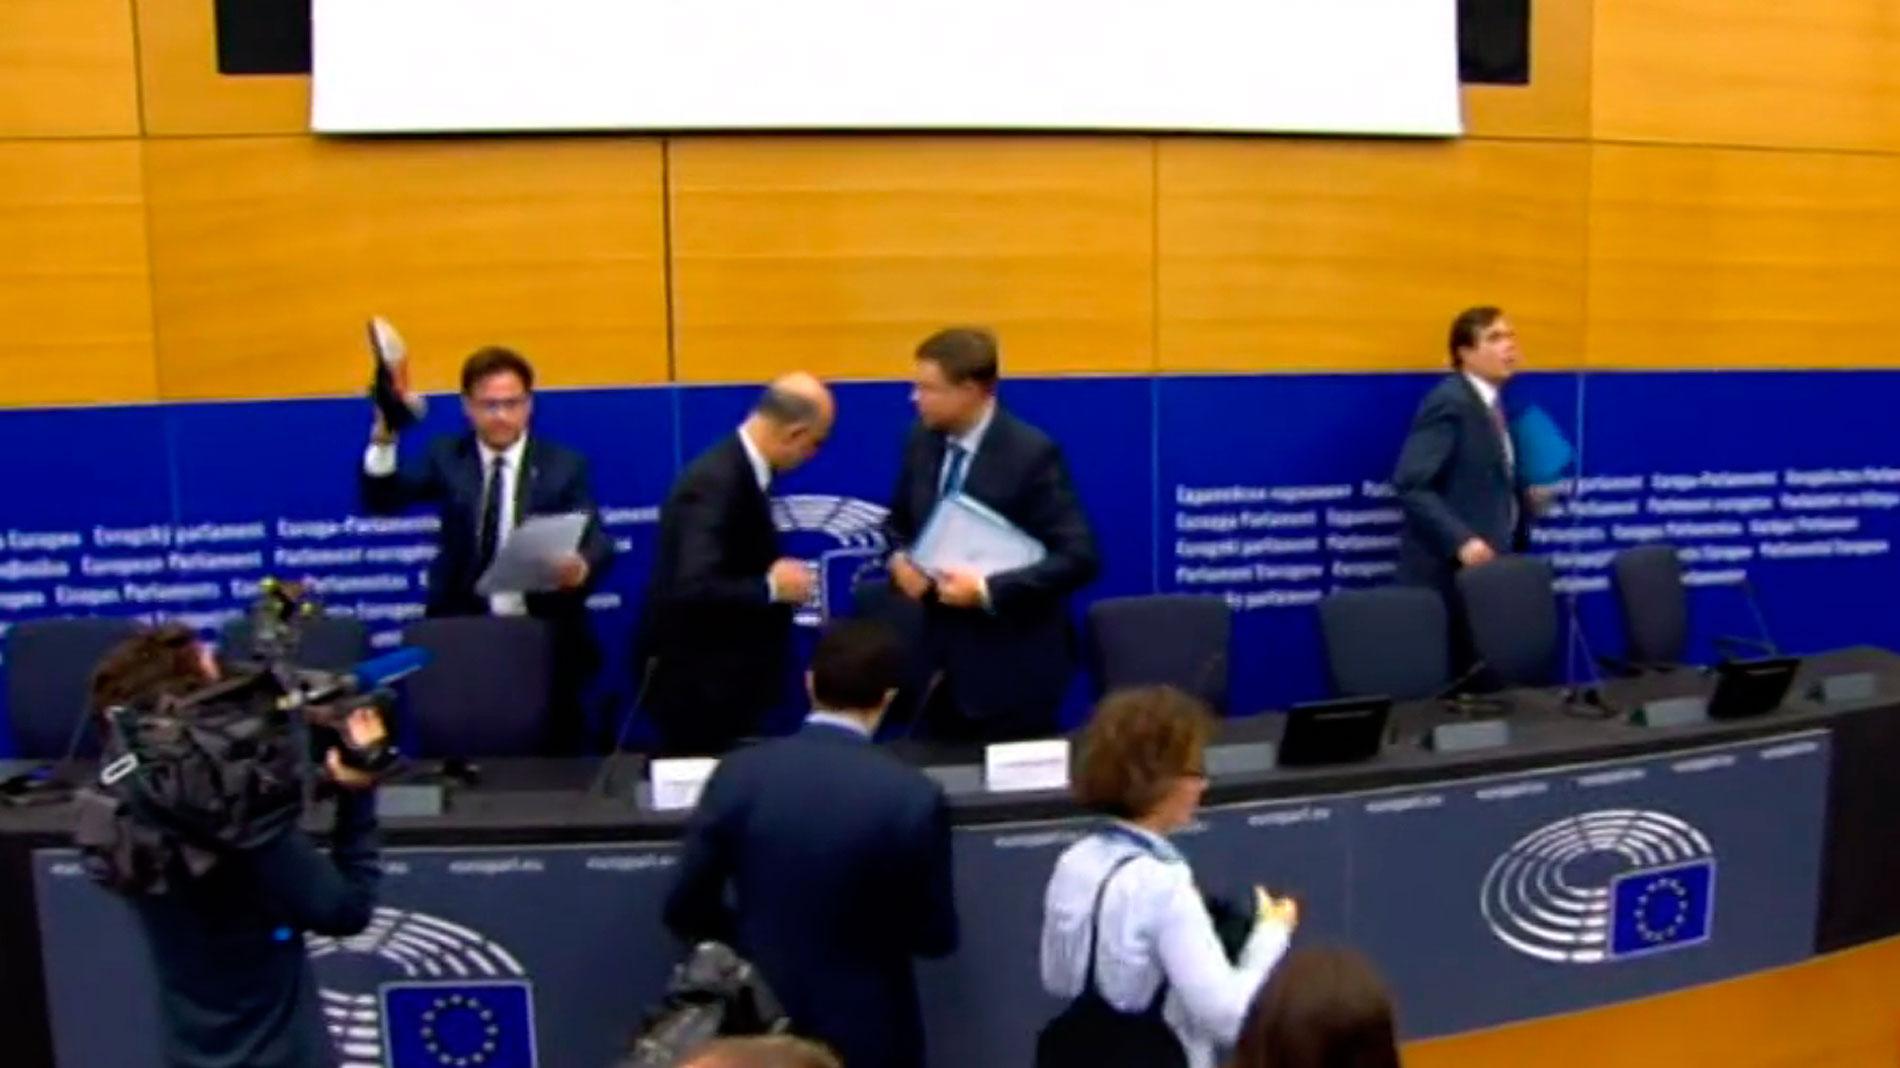 e99b4f792b El eurodiputado de la ultraderechista Liga italiana Angelo Ciocca ha  recuperado los papeles que había leído el comisario europeo de Asuntos  Económicos, ...